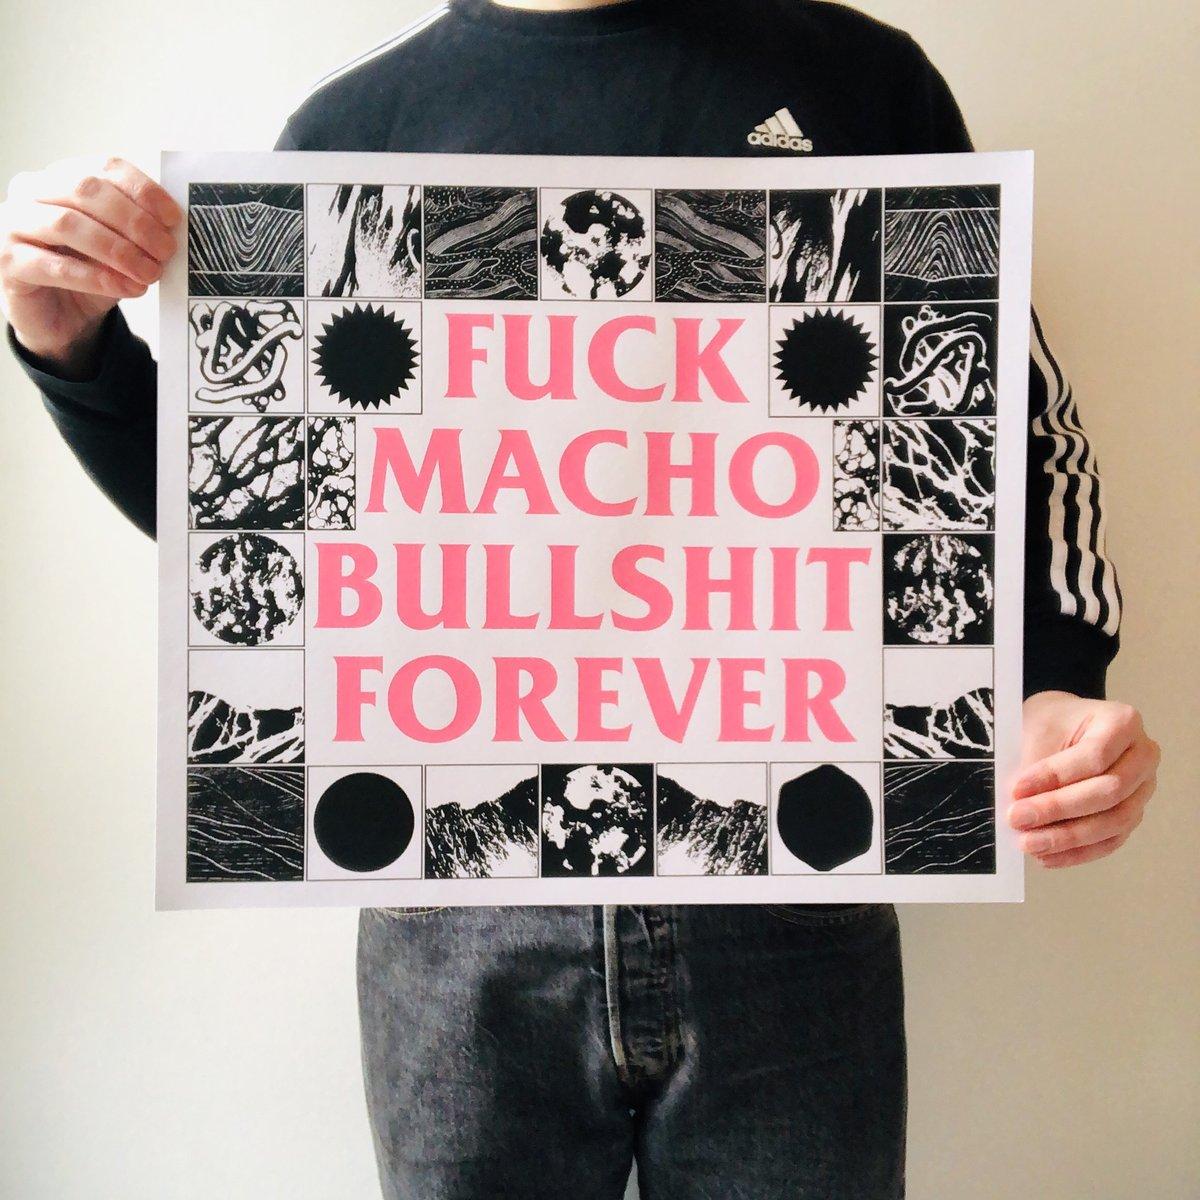 Image of Fuck Macho Bullshit Forever large screen print